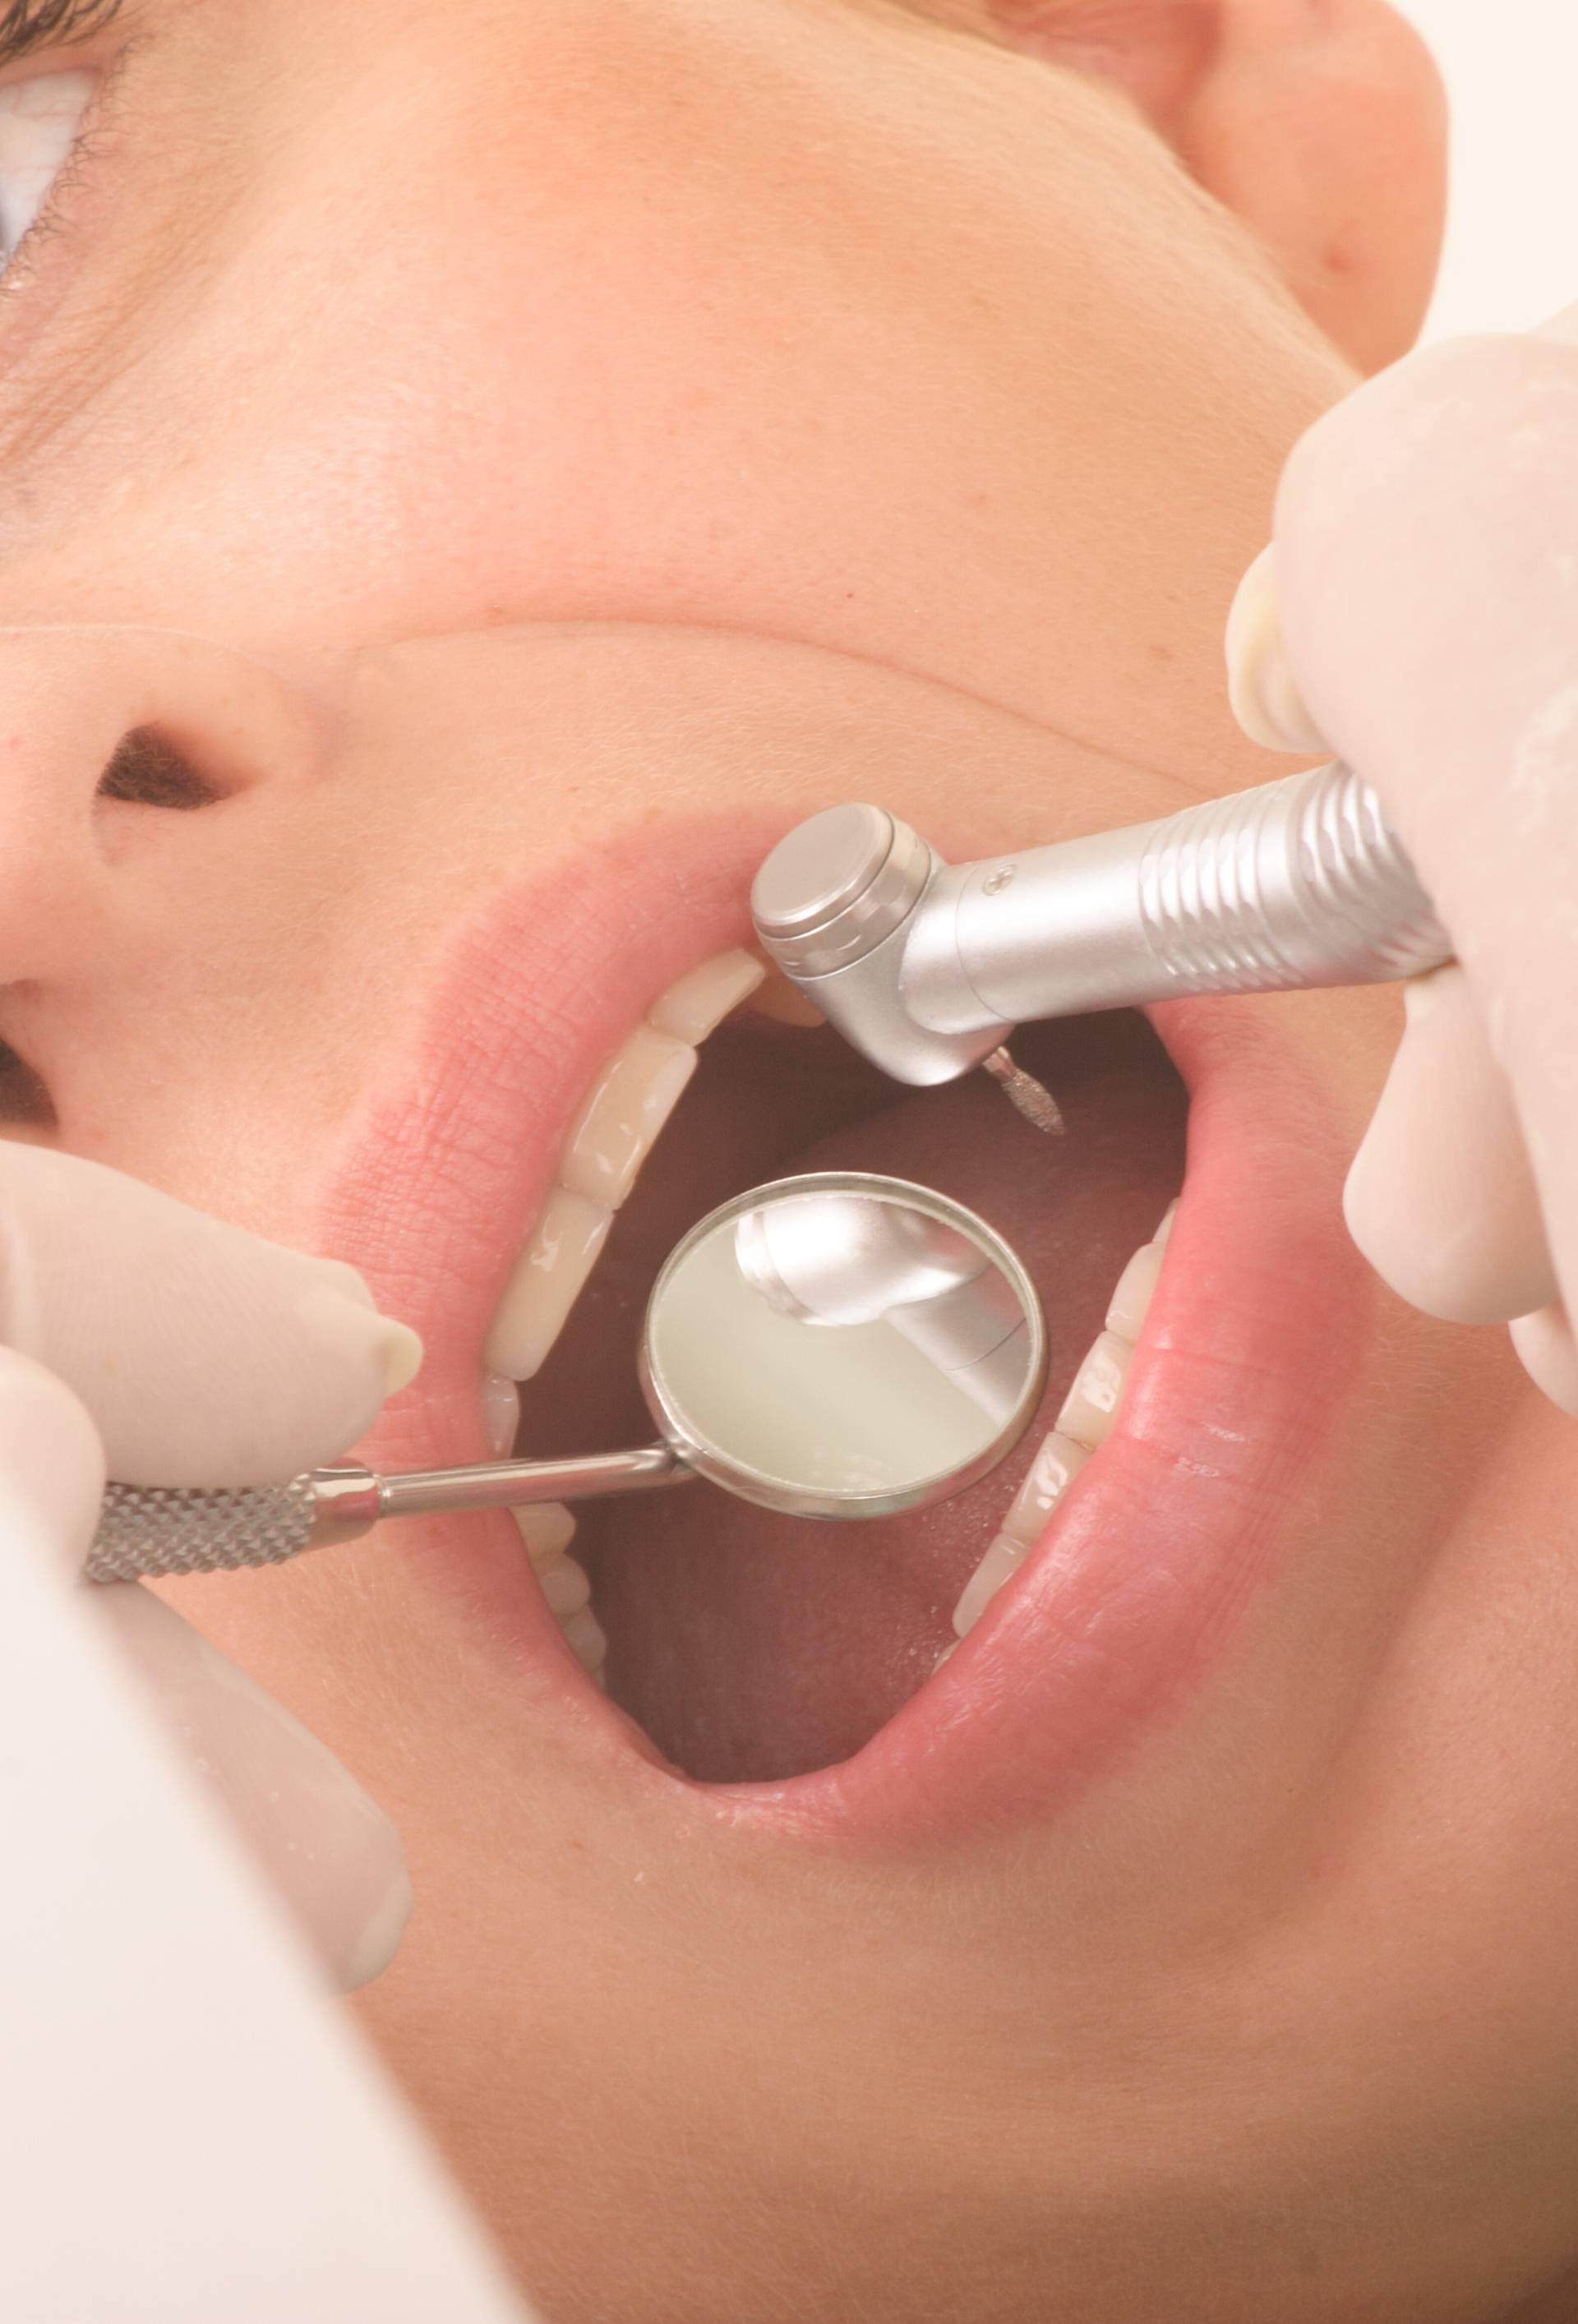 Novi gel koji sam obnavlja zub mogao bi zamijeniti bušenje...